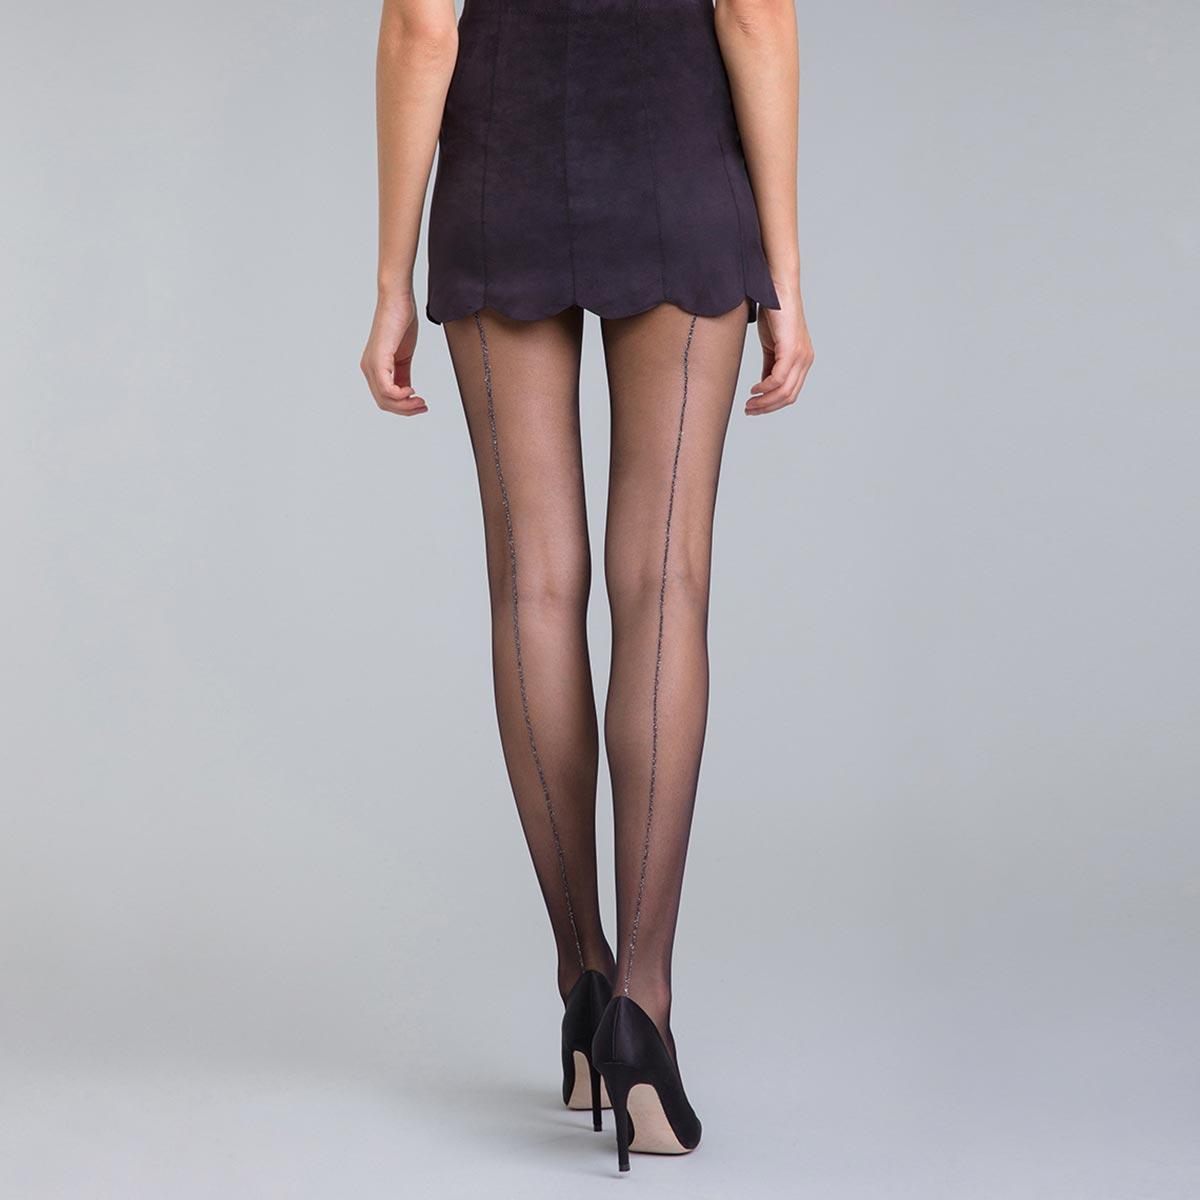 Collant couture lurex noir et argent DIM X ba&sh